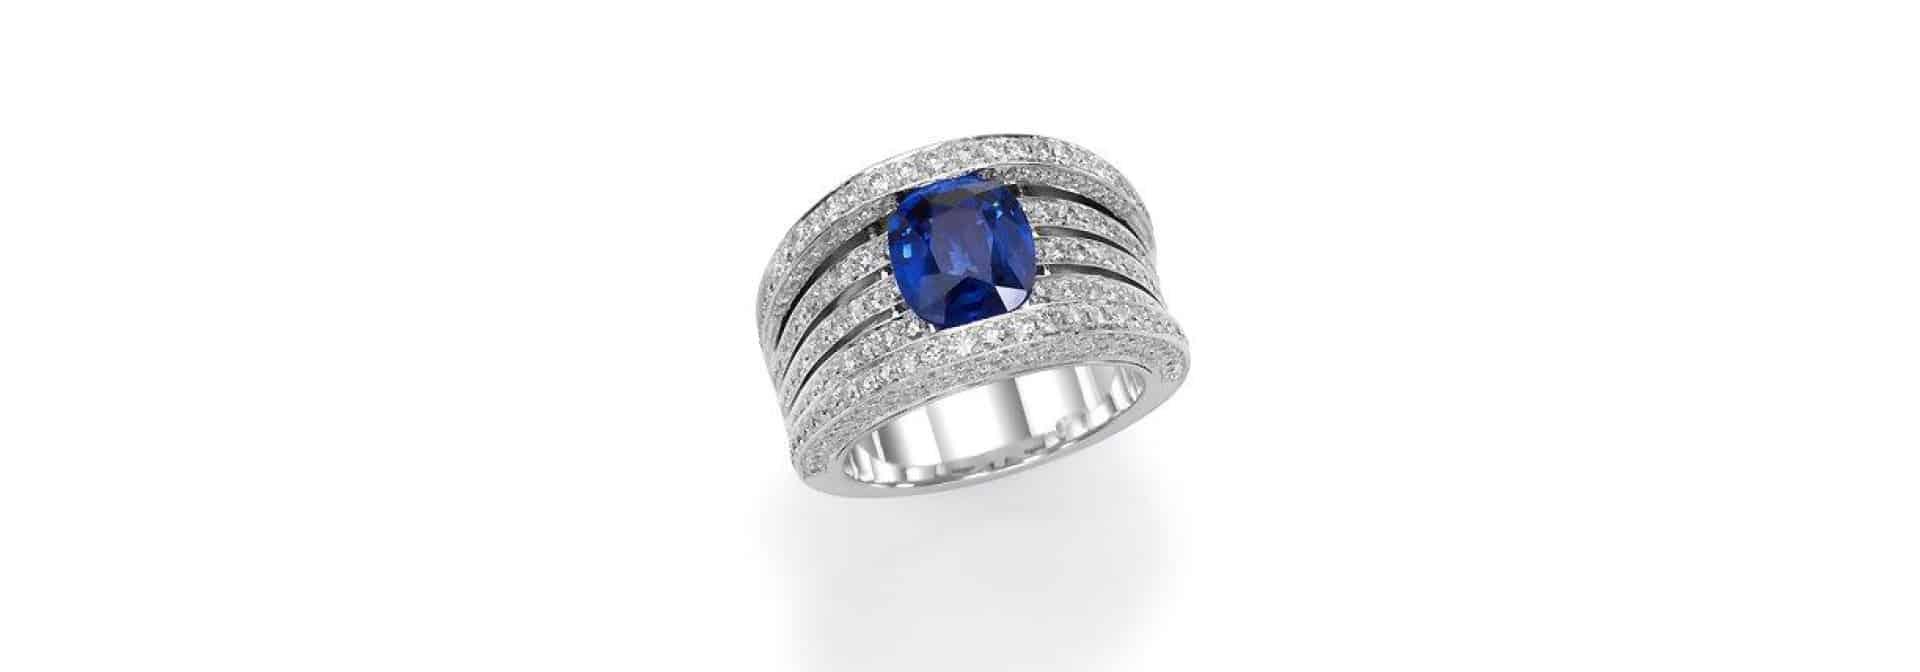 טבעת יהלומים ספיר כחול בונקר תכשיטים